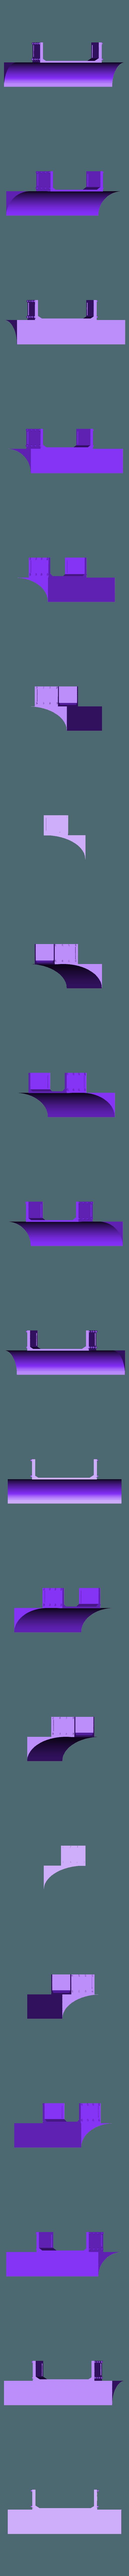 skull_hammer_dozer.stl Télécharger fichier STL gratuit Demi-rail à vapeur / orque / orque • Modèle pour impression 3D, redstarkits